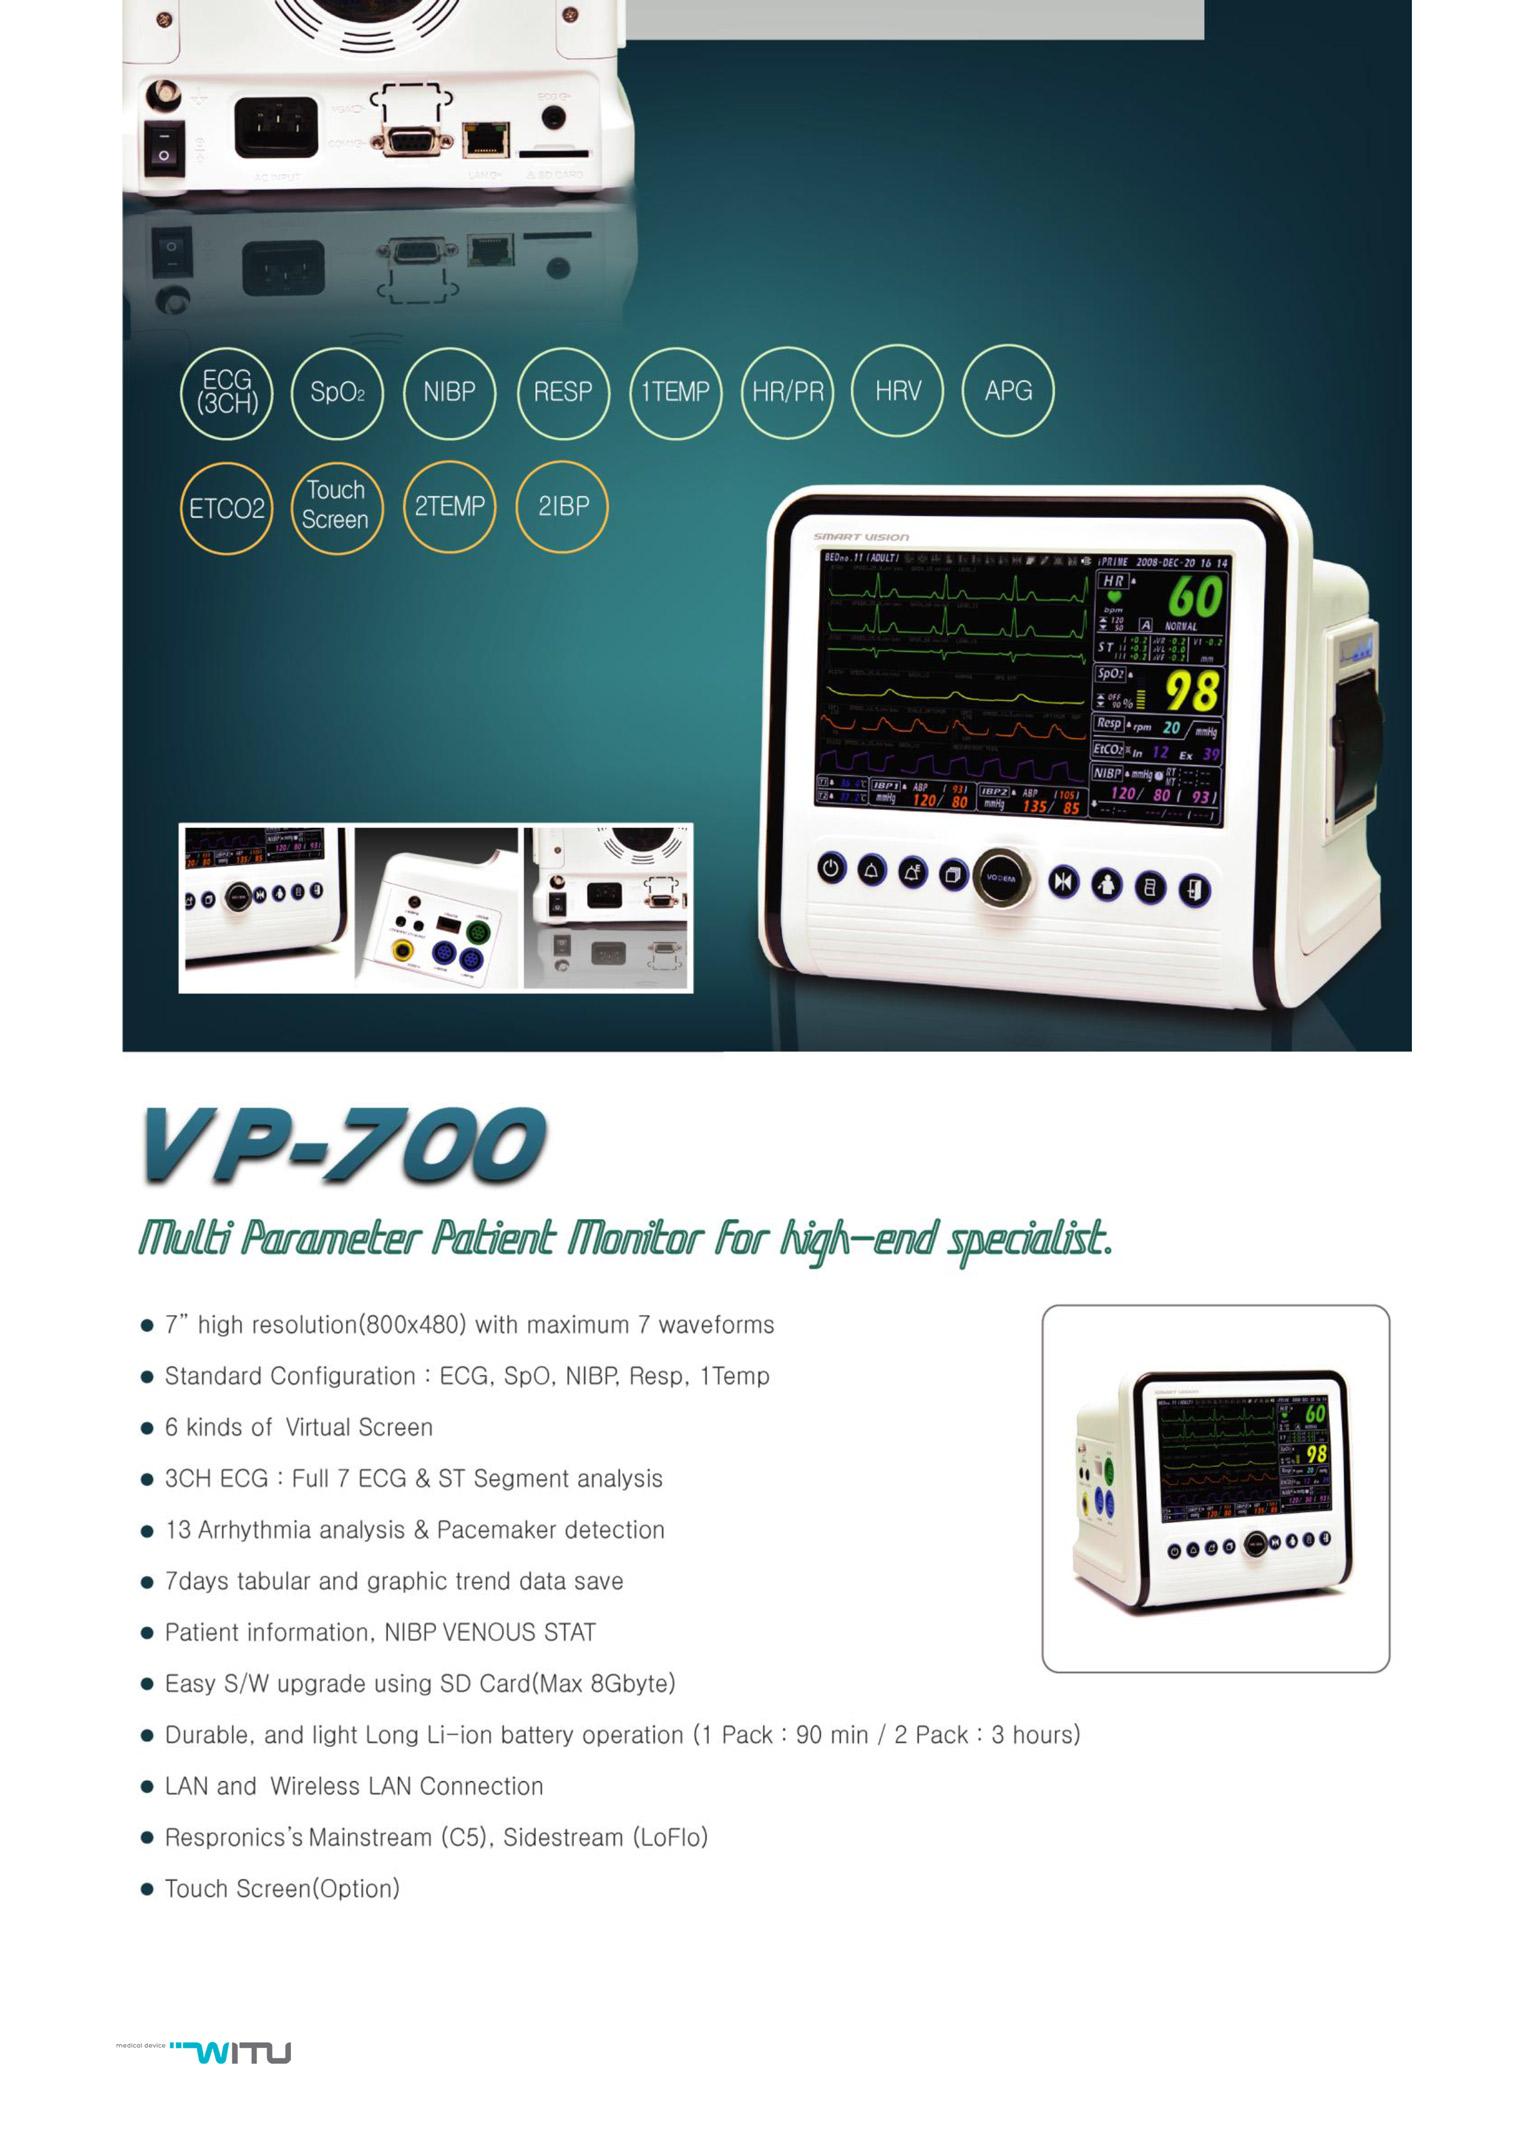 VP-700_s1.jpg